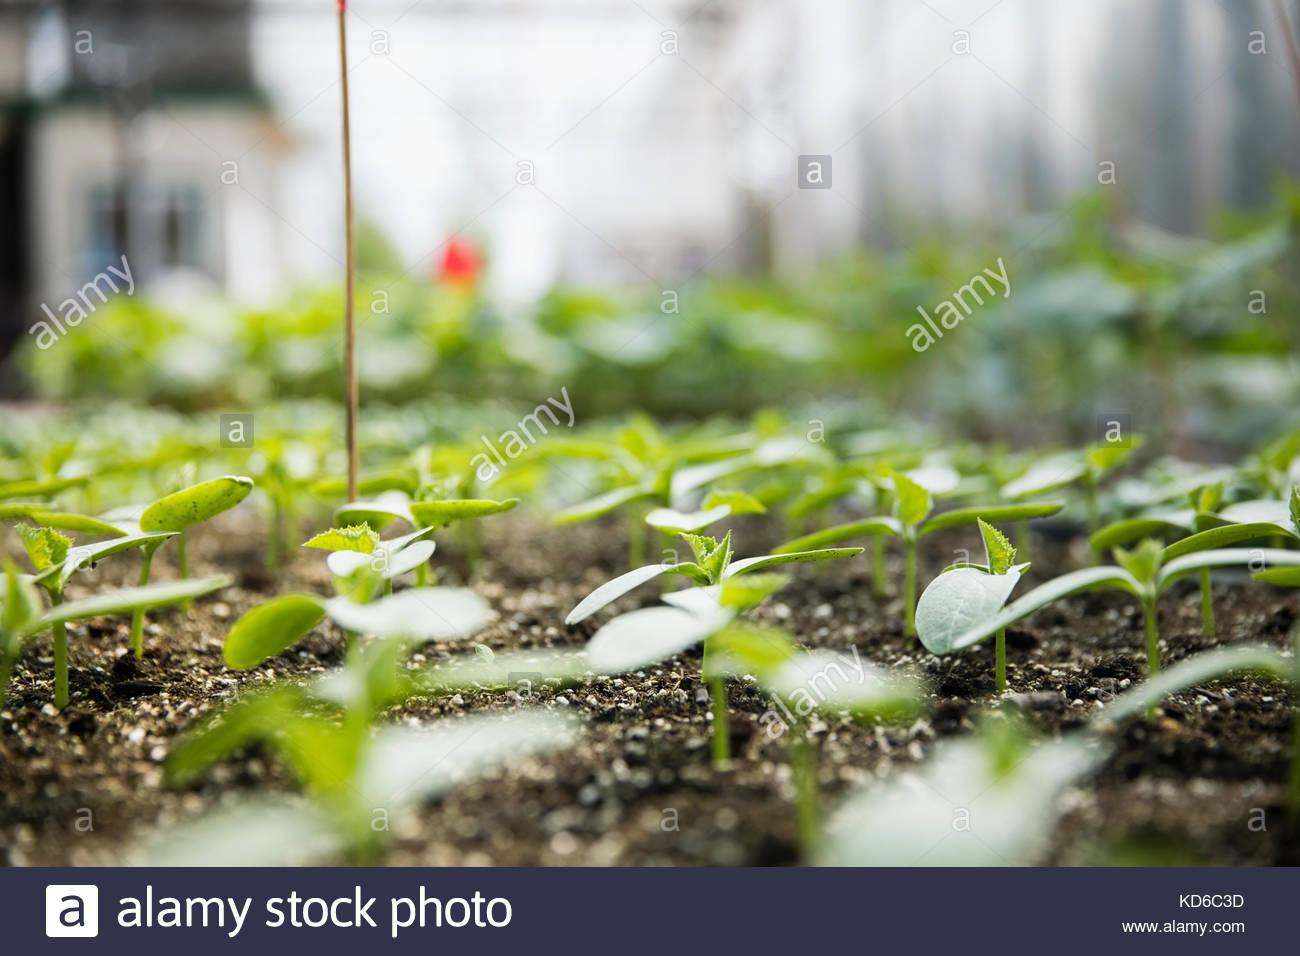 Green seedling plants growing - Stock Image